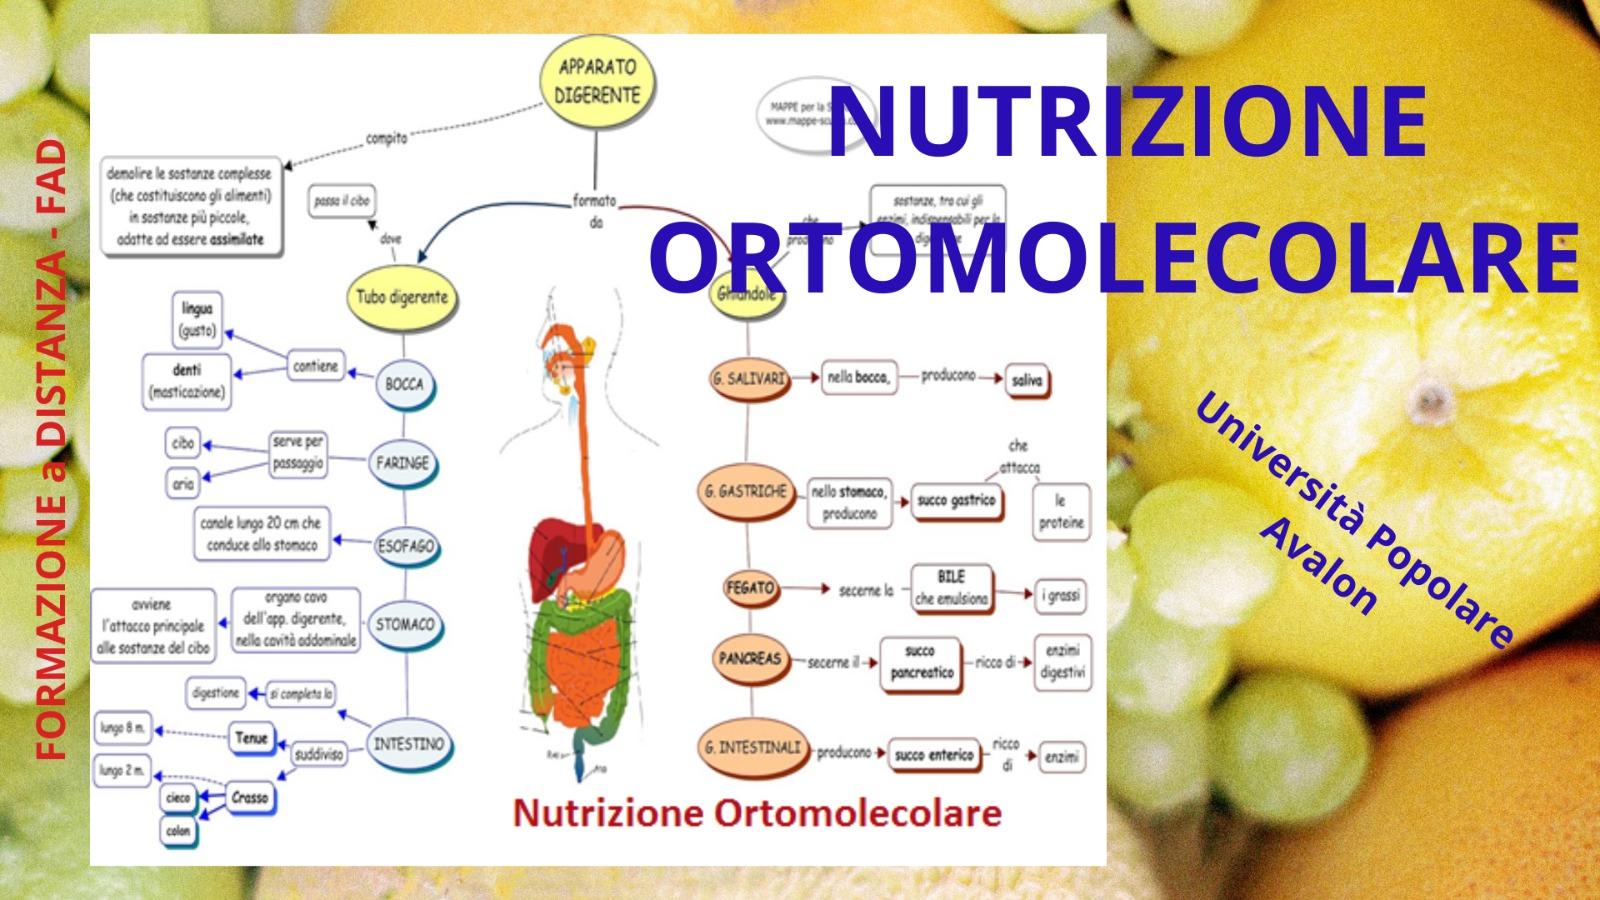 nutrizione-ortomolecolare-corso-fad